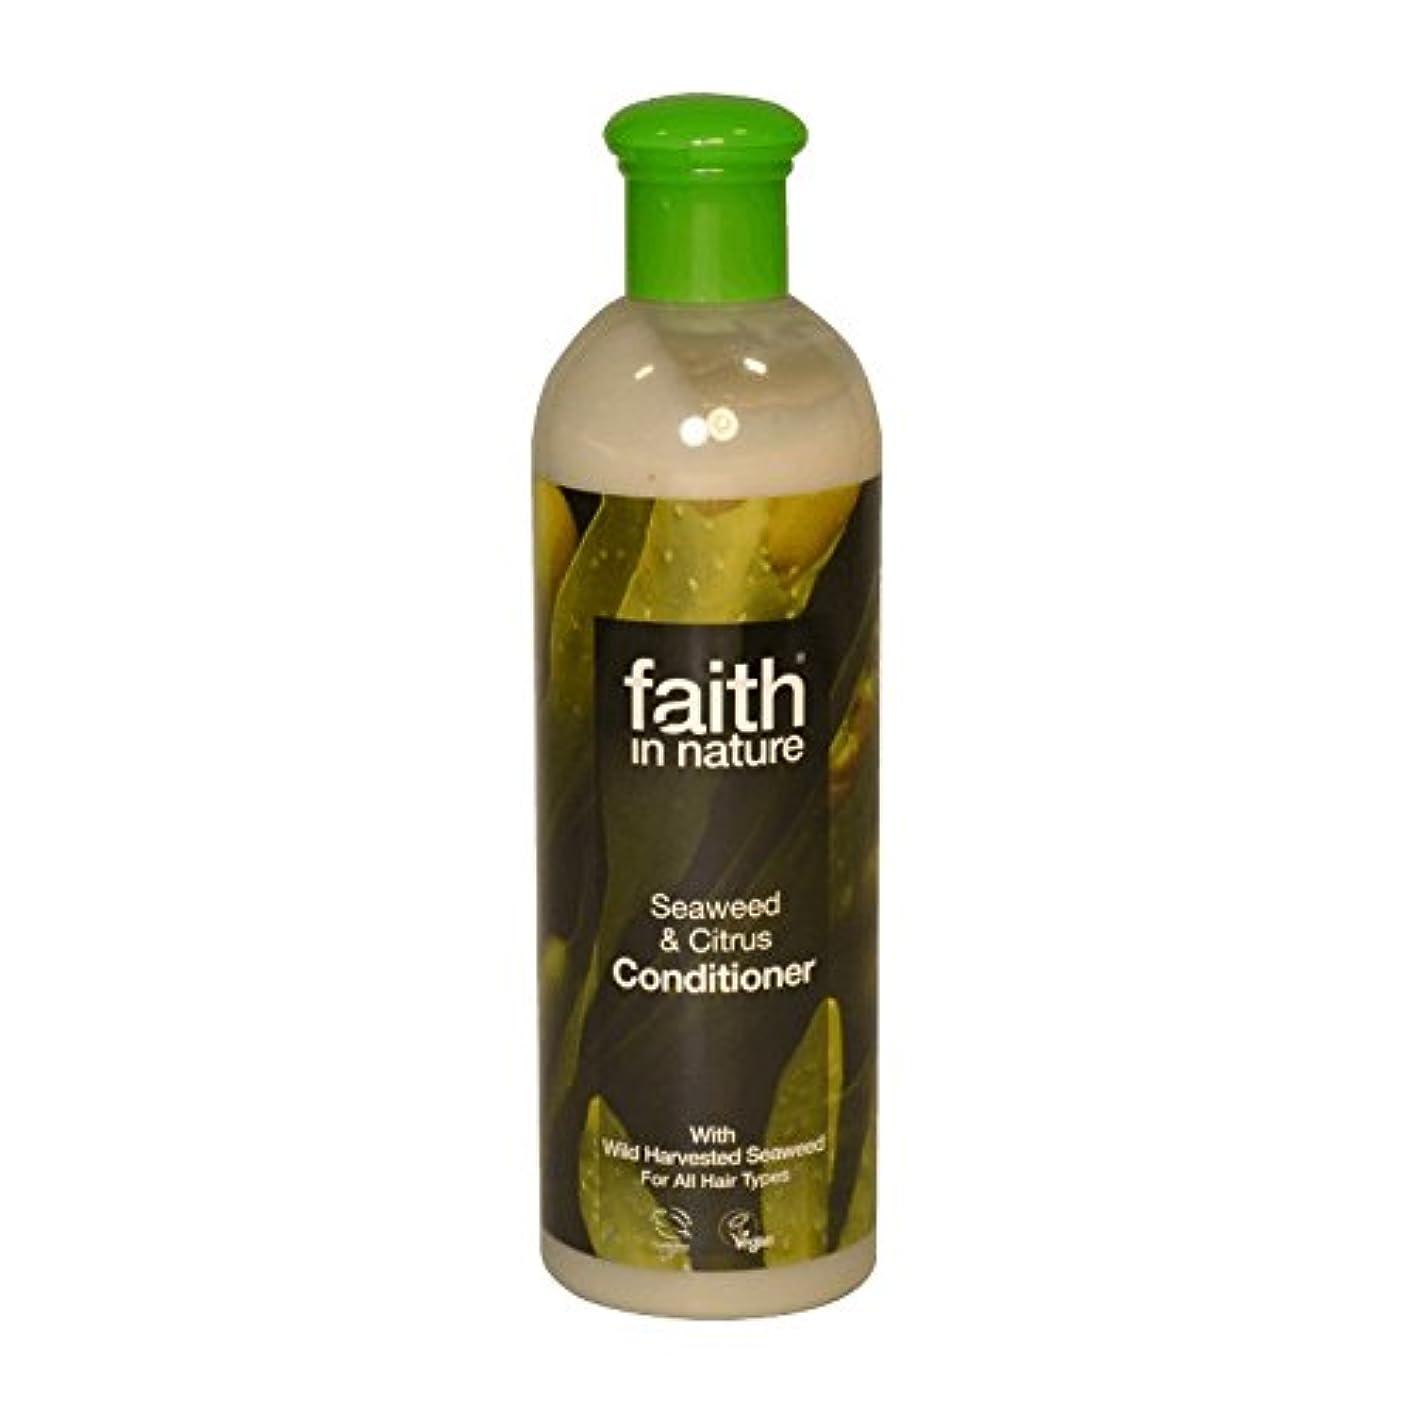 サーマル痛み優しさFaith in Nature Seaweed & Citrus Conditioner 400ml (Pack of 2) - 自然の海藻&シトラスコンディショナー400ミリリットルの信仰 (x2) [並行輸入品]